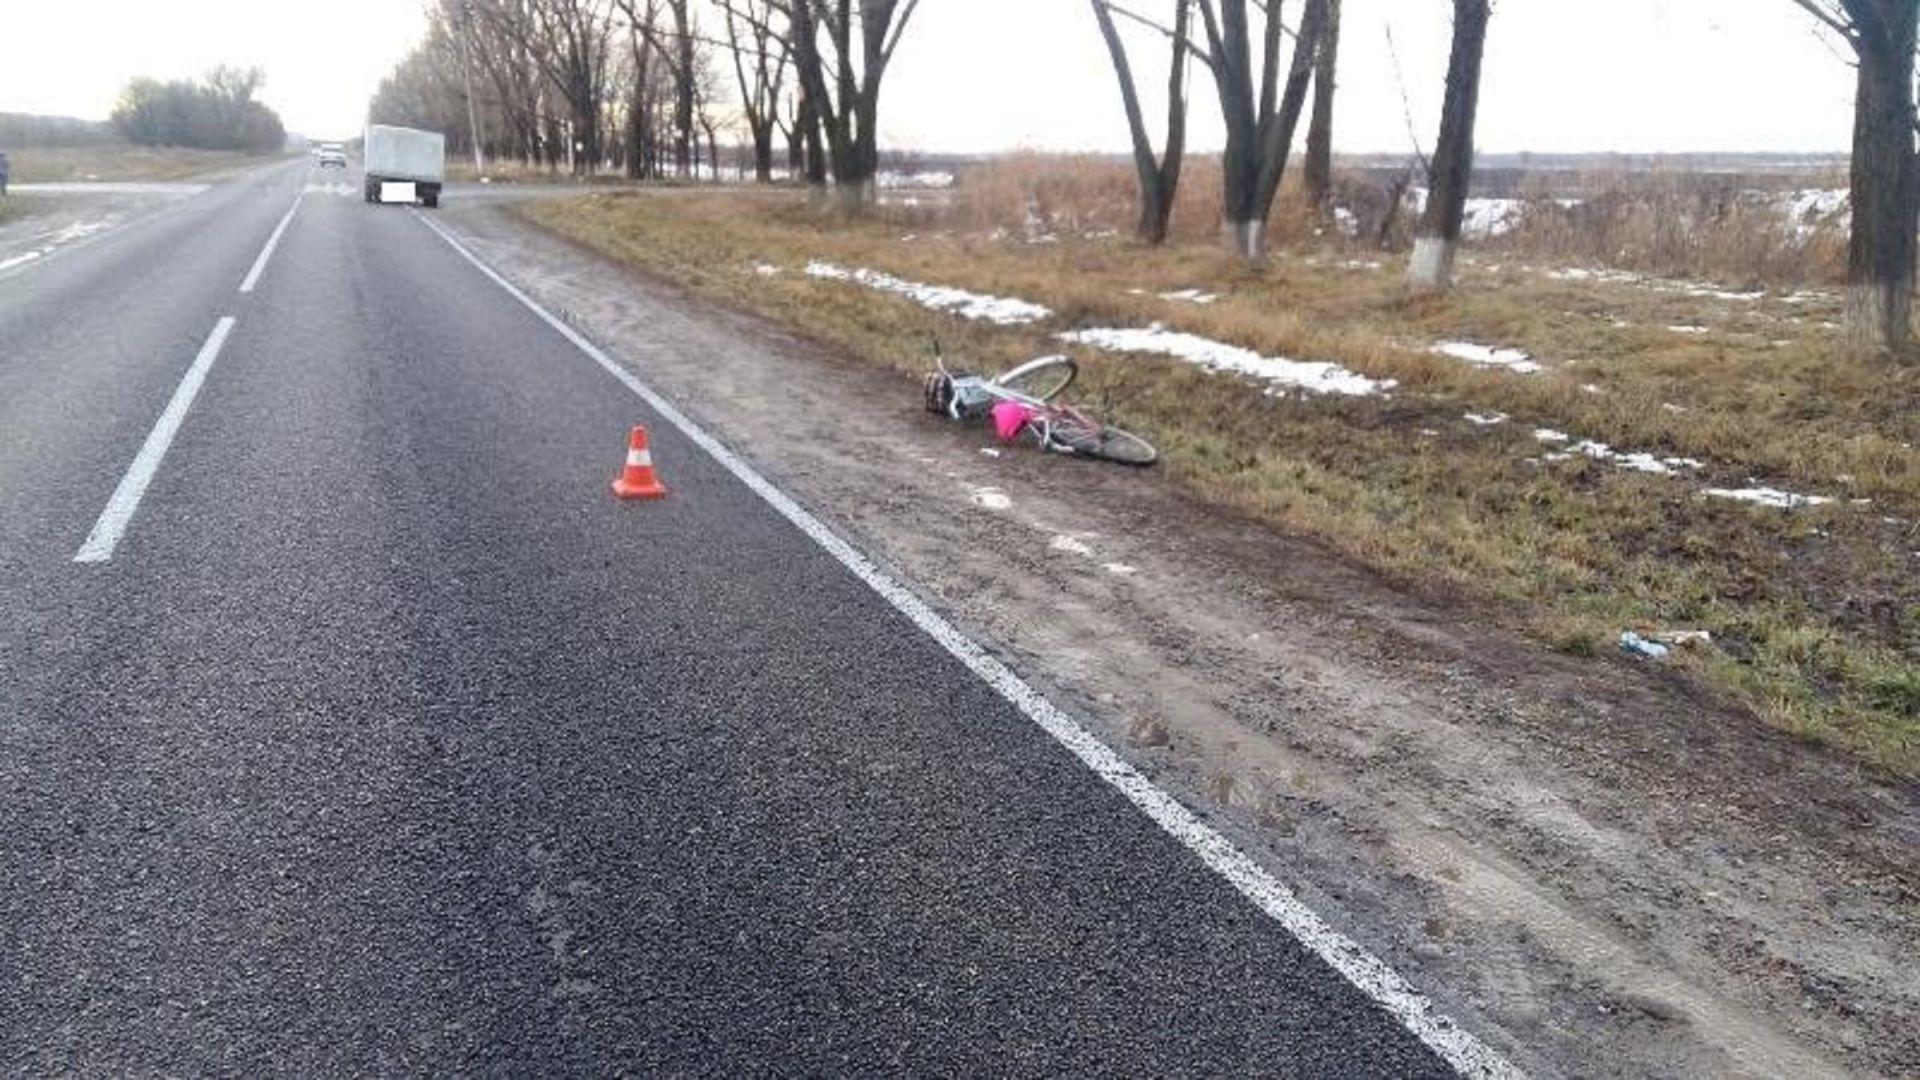 ВСтавропольском крае шофёр ГАЗели невыдержал безопасную дистанцию исбил велосипедиста